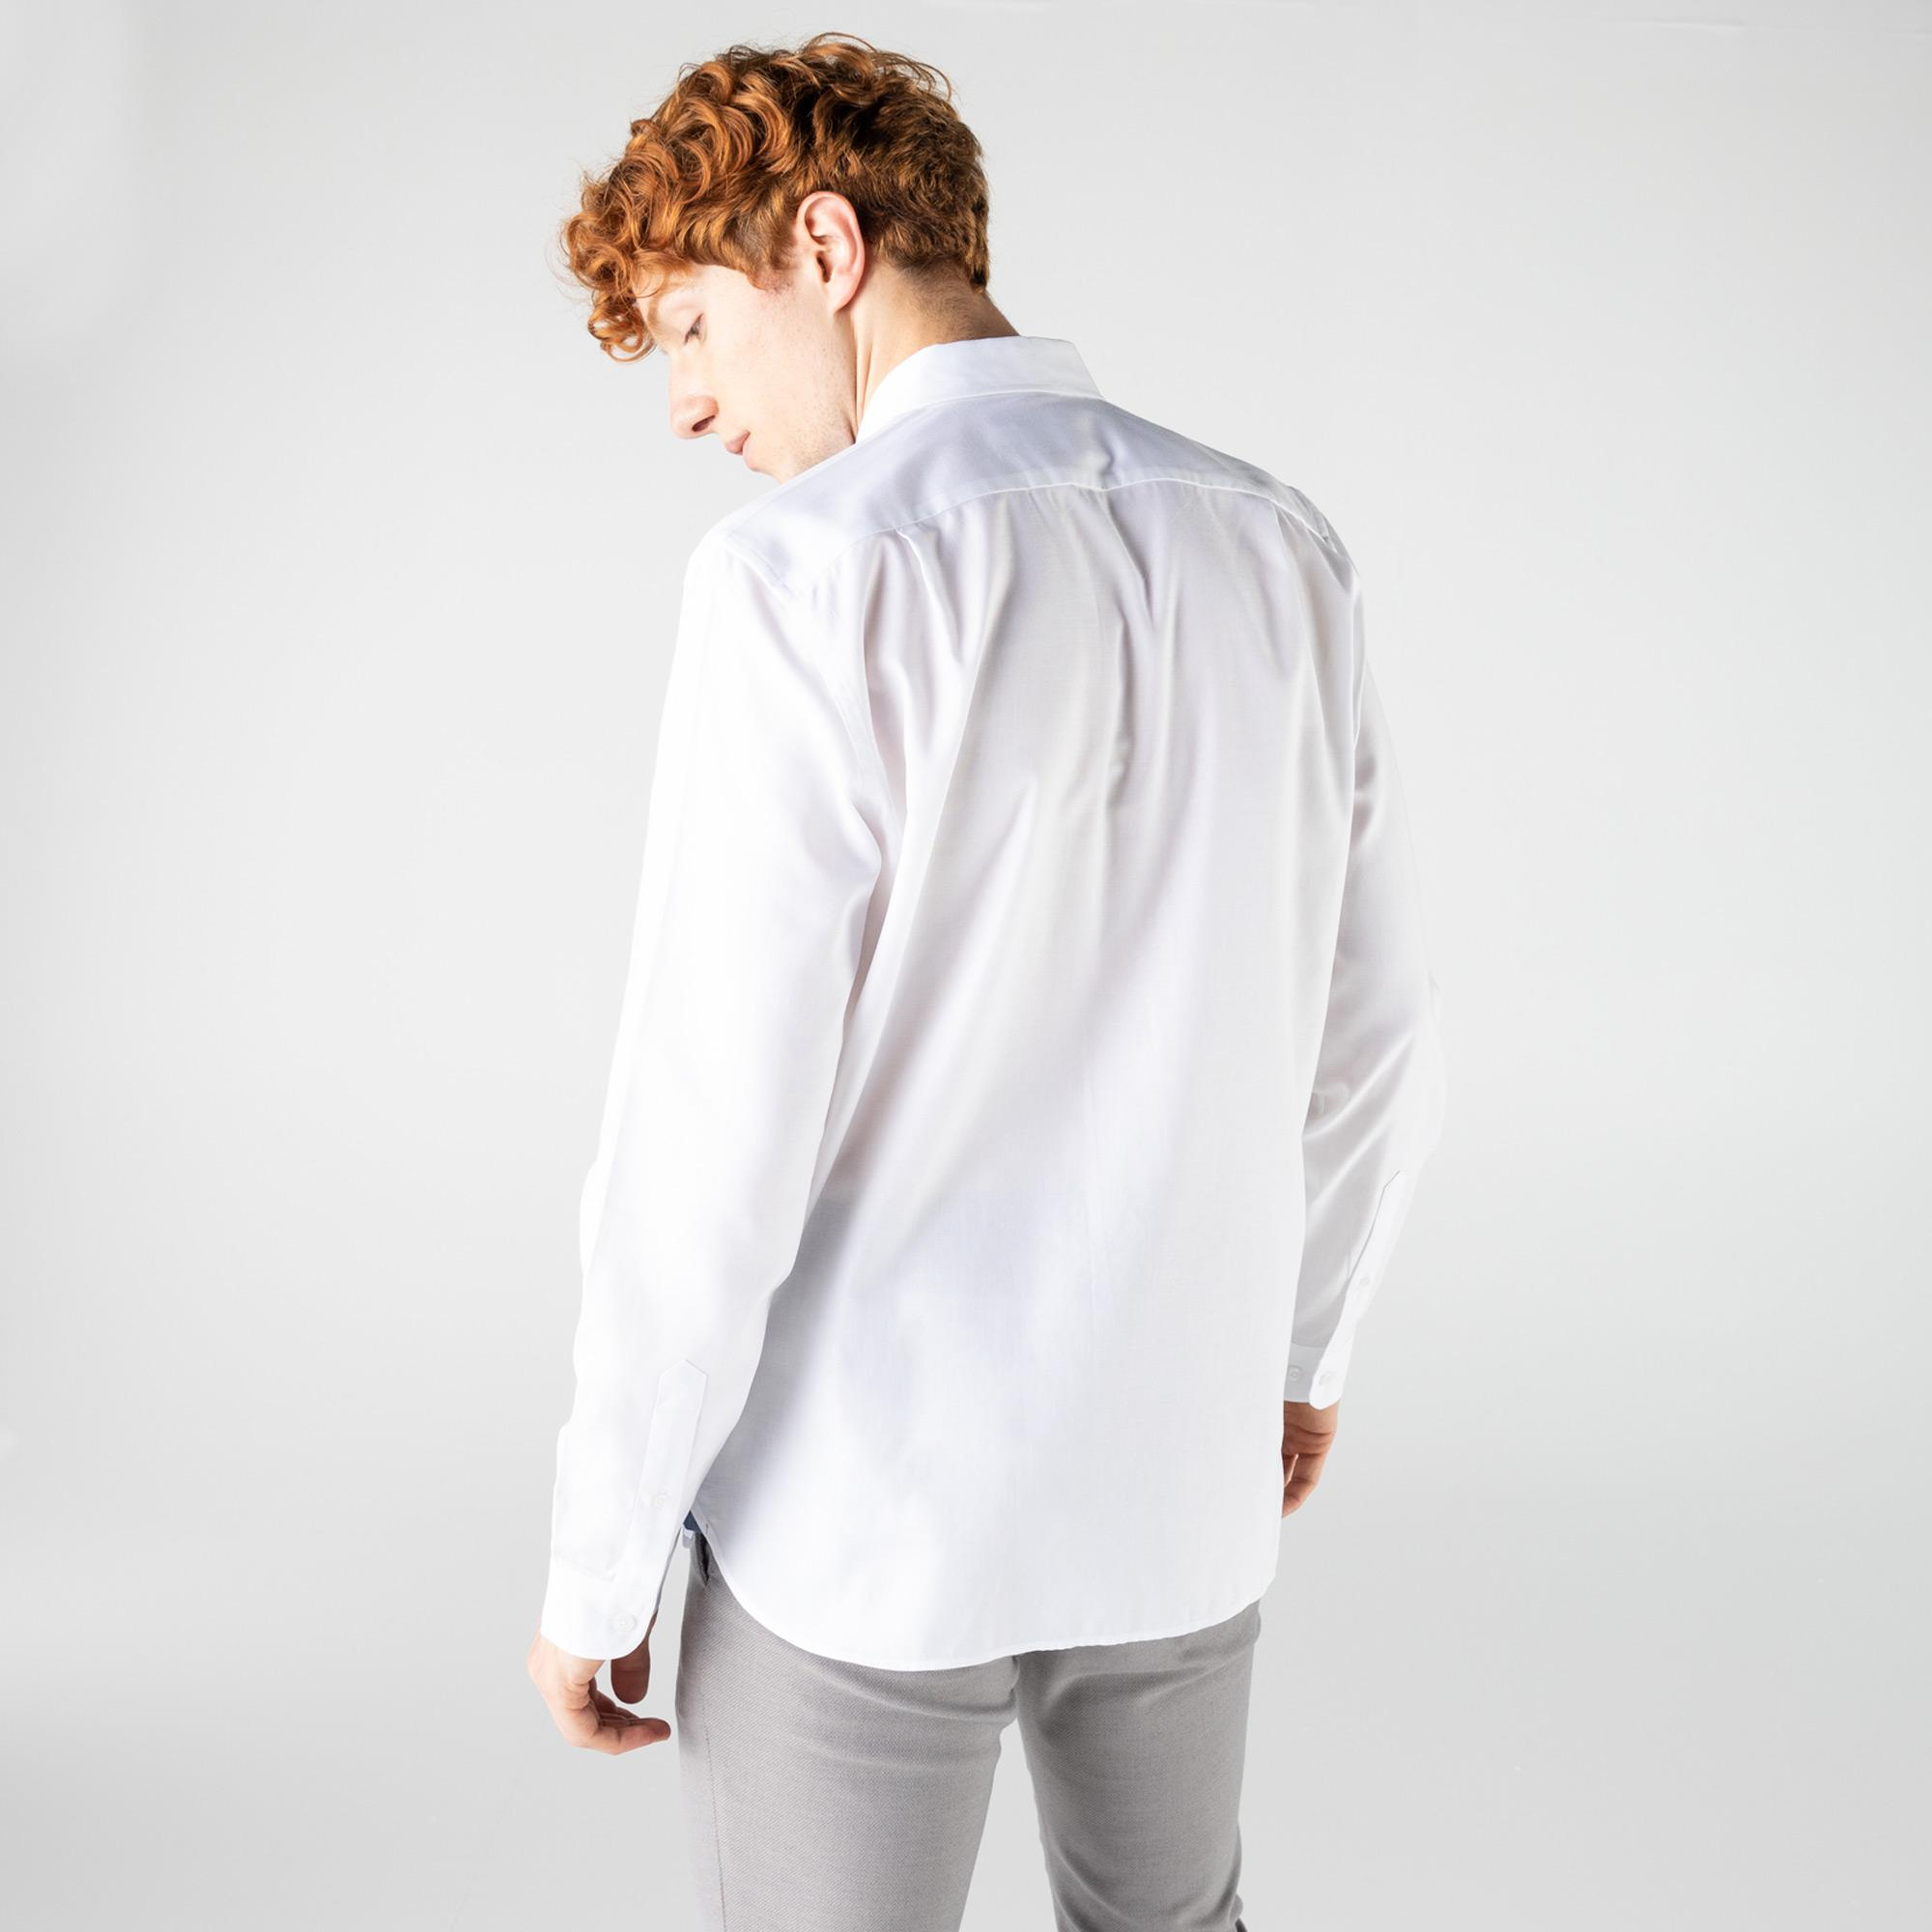 Lacoste Men's Slim Fit Button-Down Collar Shirt